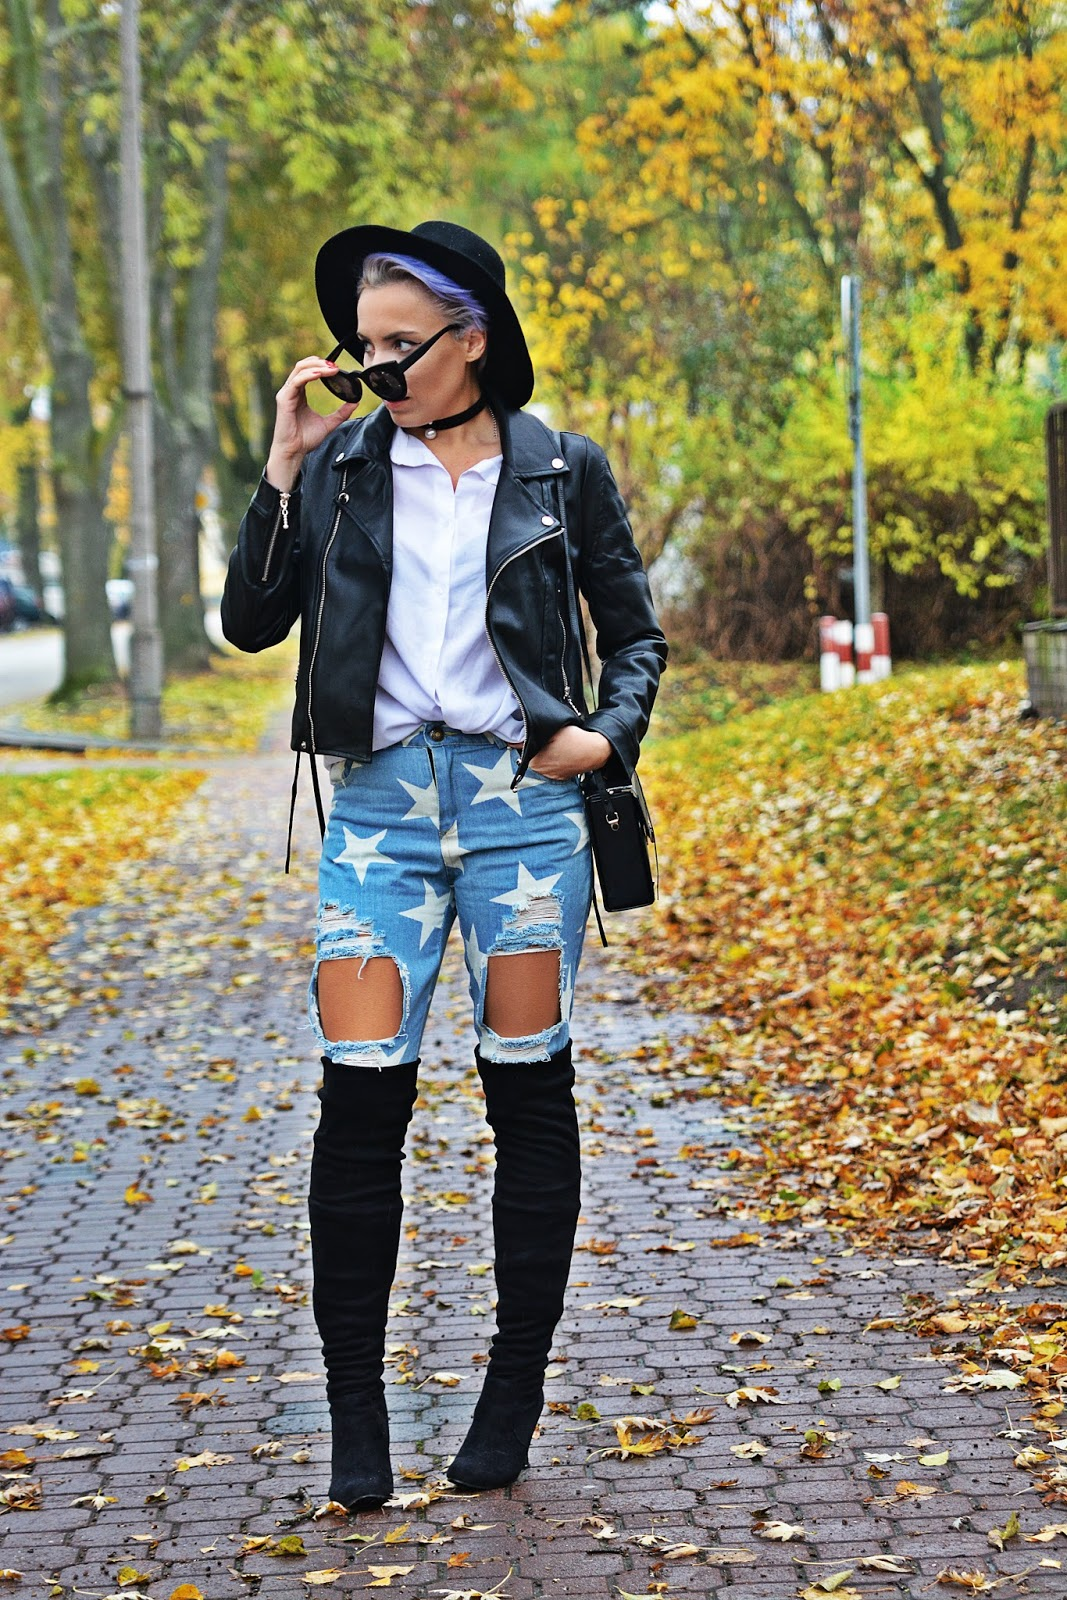 jeansy_w_gwiazdki_buty_za_kolano_czarna_ramoneska_karyn54